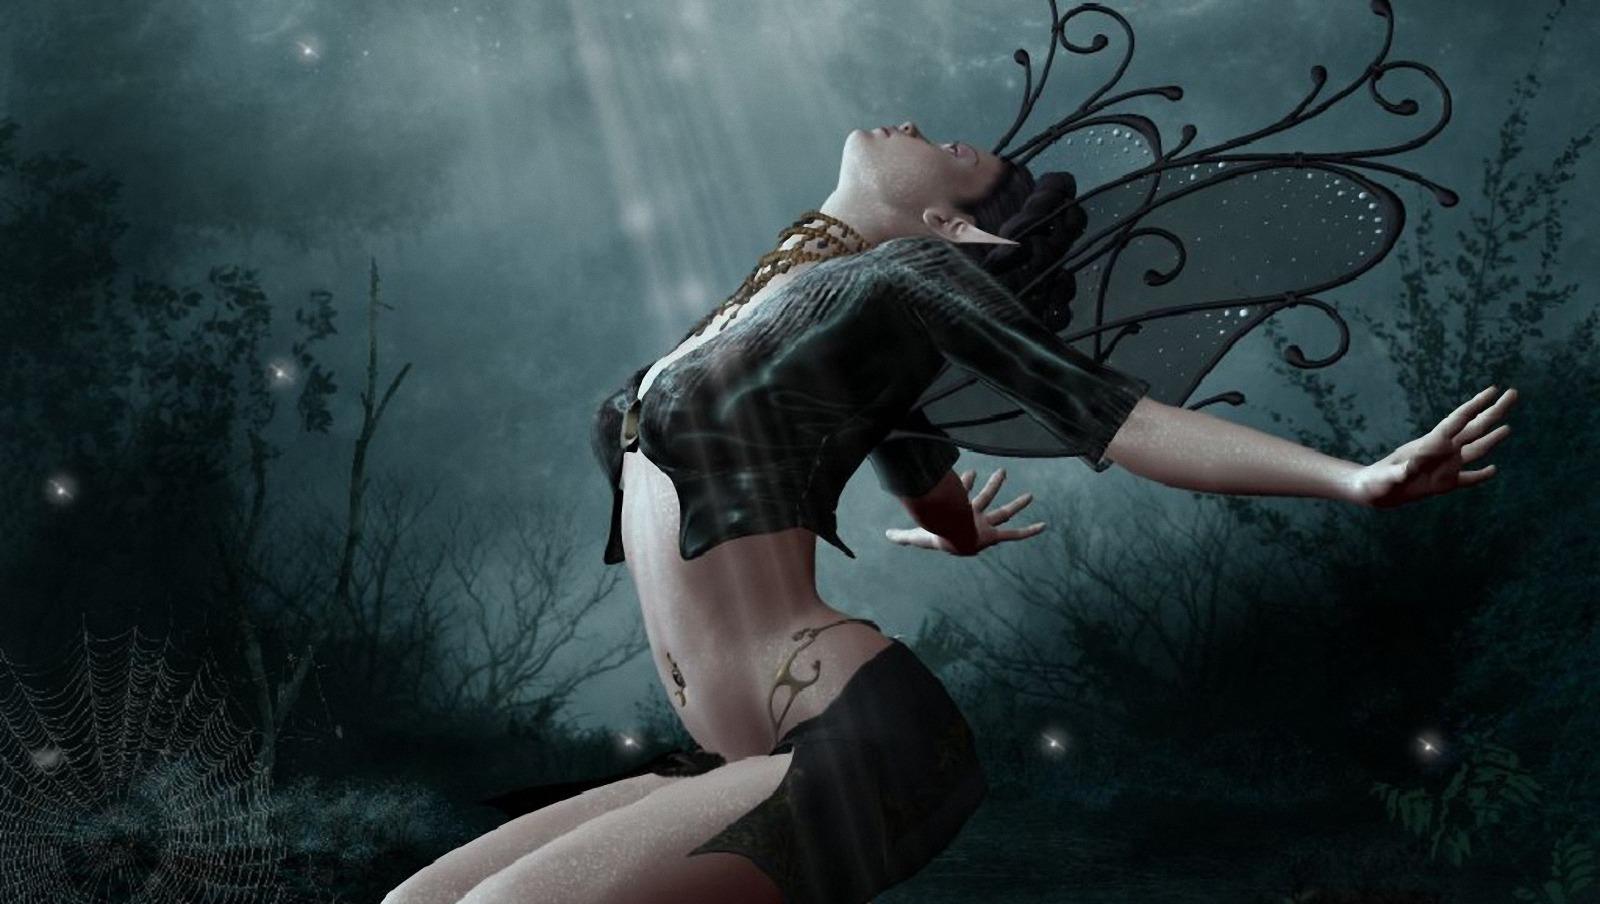 Фото девушка в паутине, Фото: Девушка, которая застряла в паутине Кадр из 2 фотография